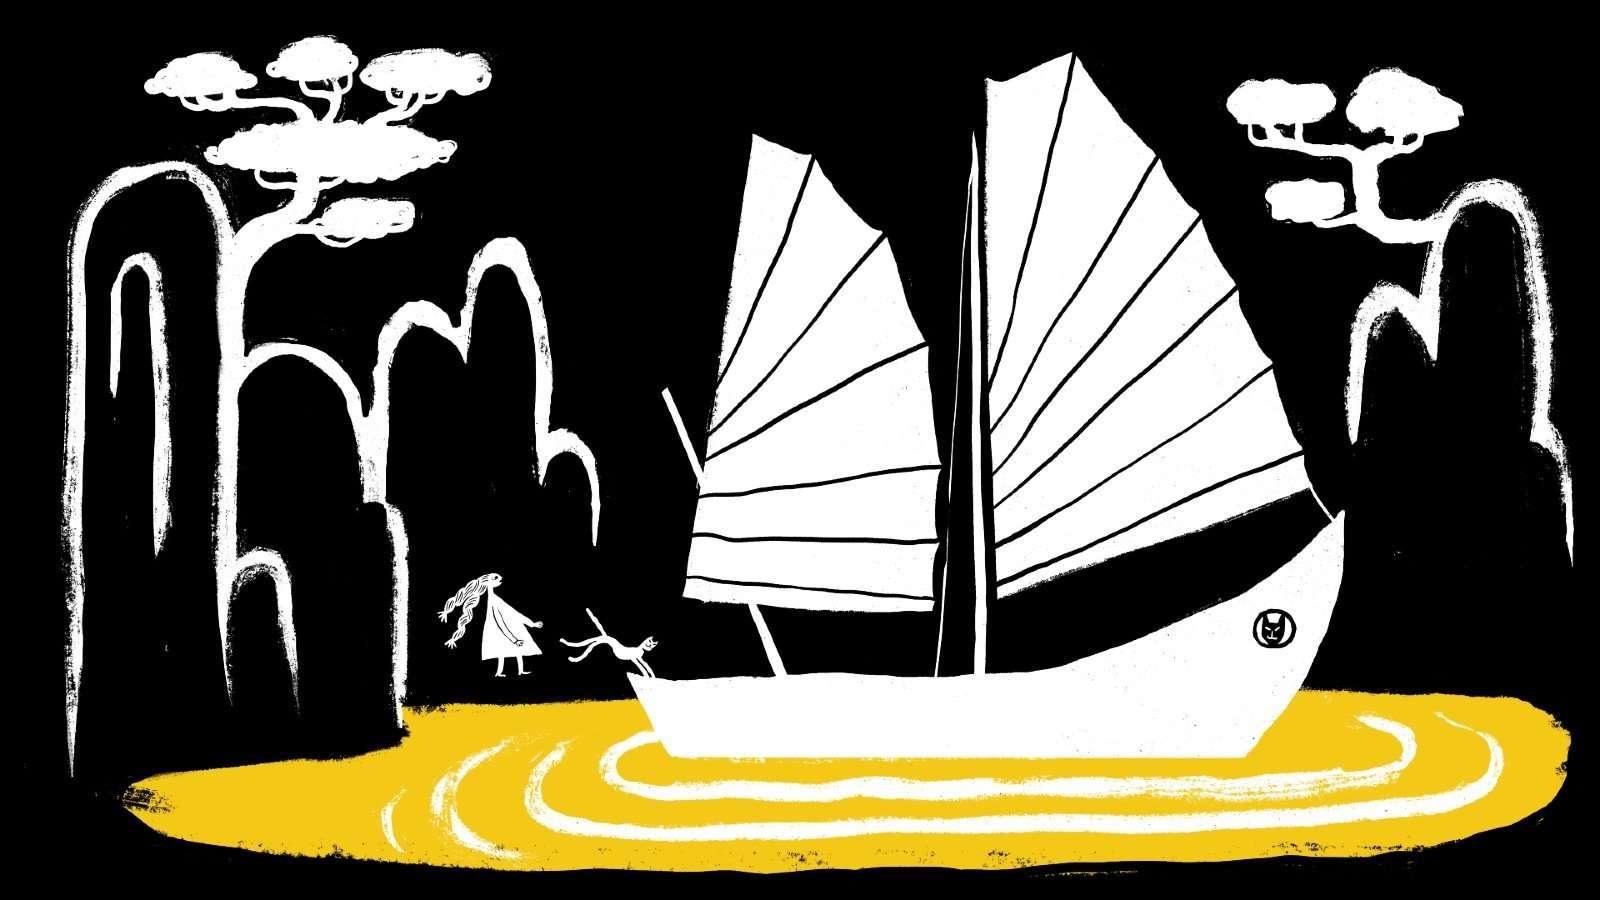 Lille og Lykkekatten, illustration: Simon Væth